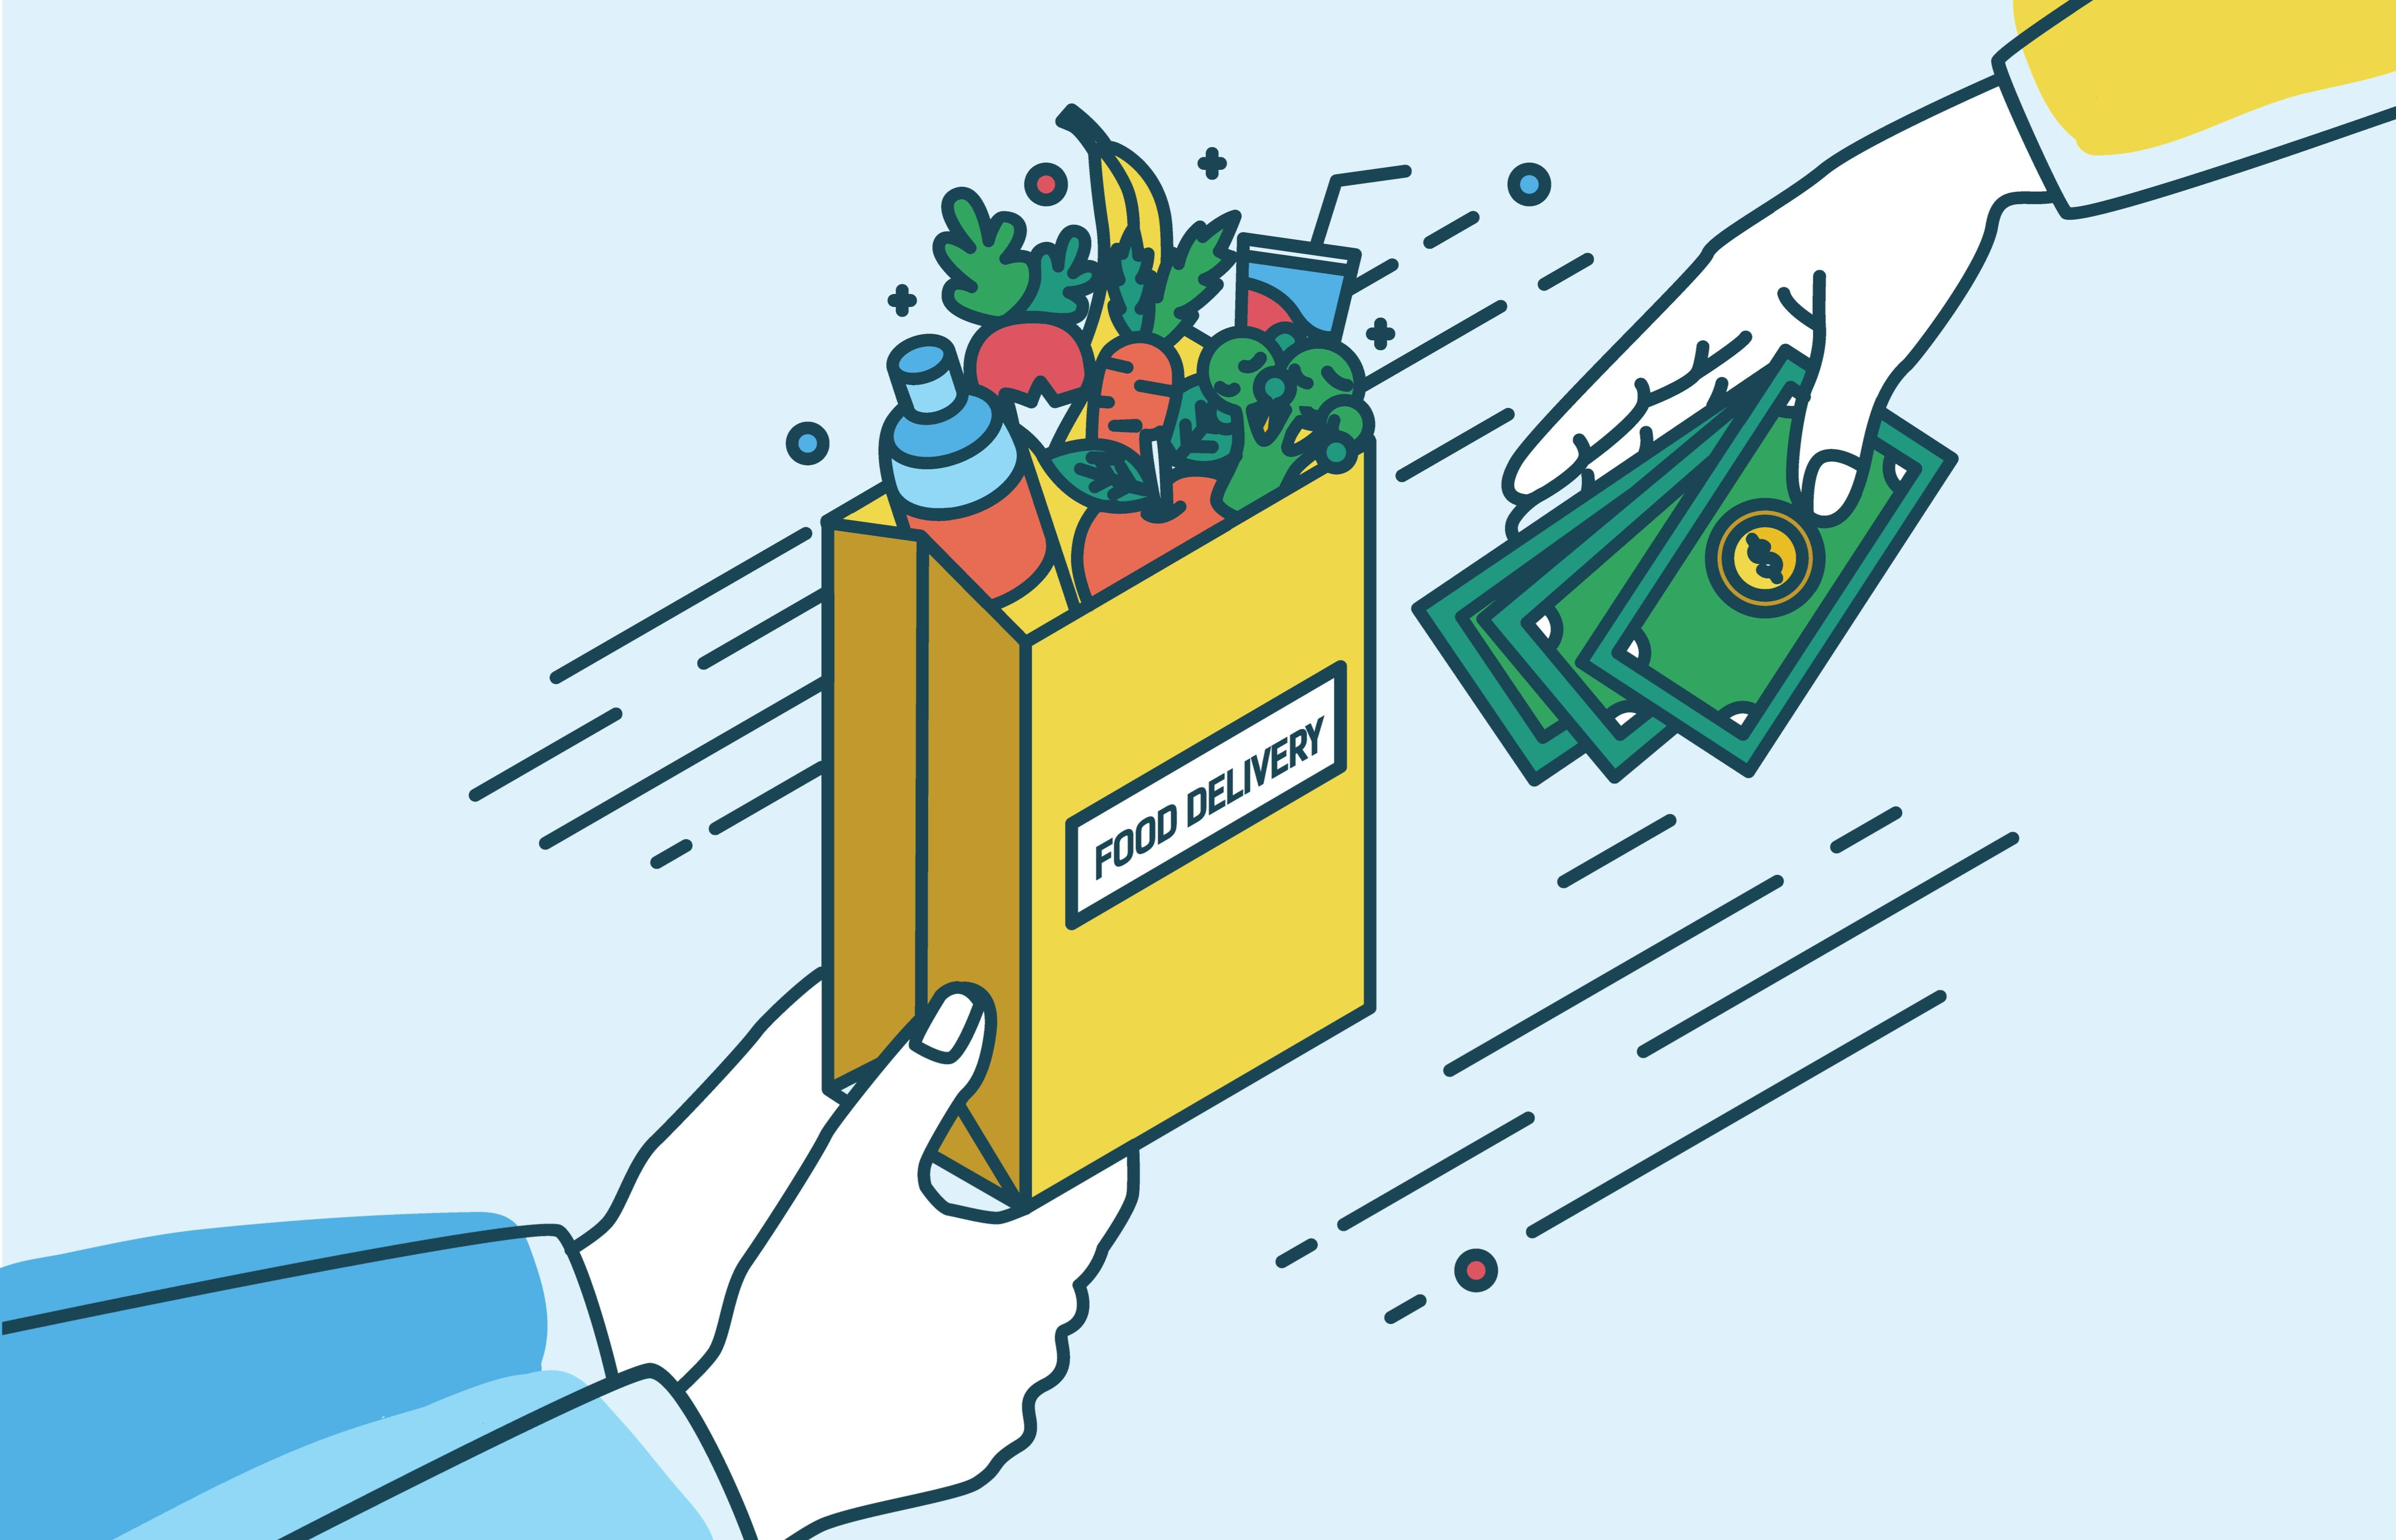 Η μεγάλη πρόκληση των οικονομικών του Delivery